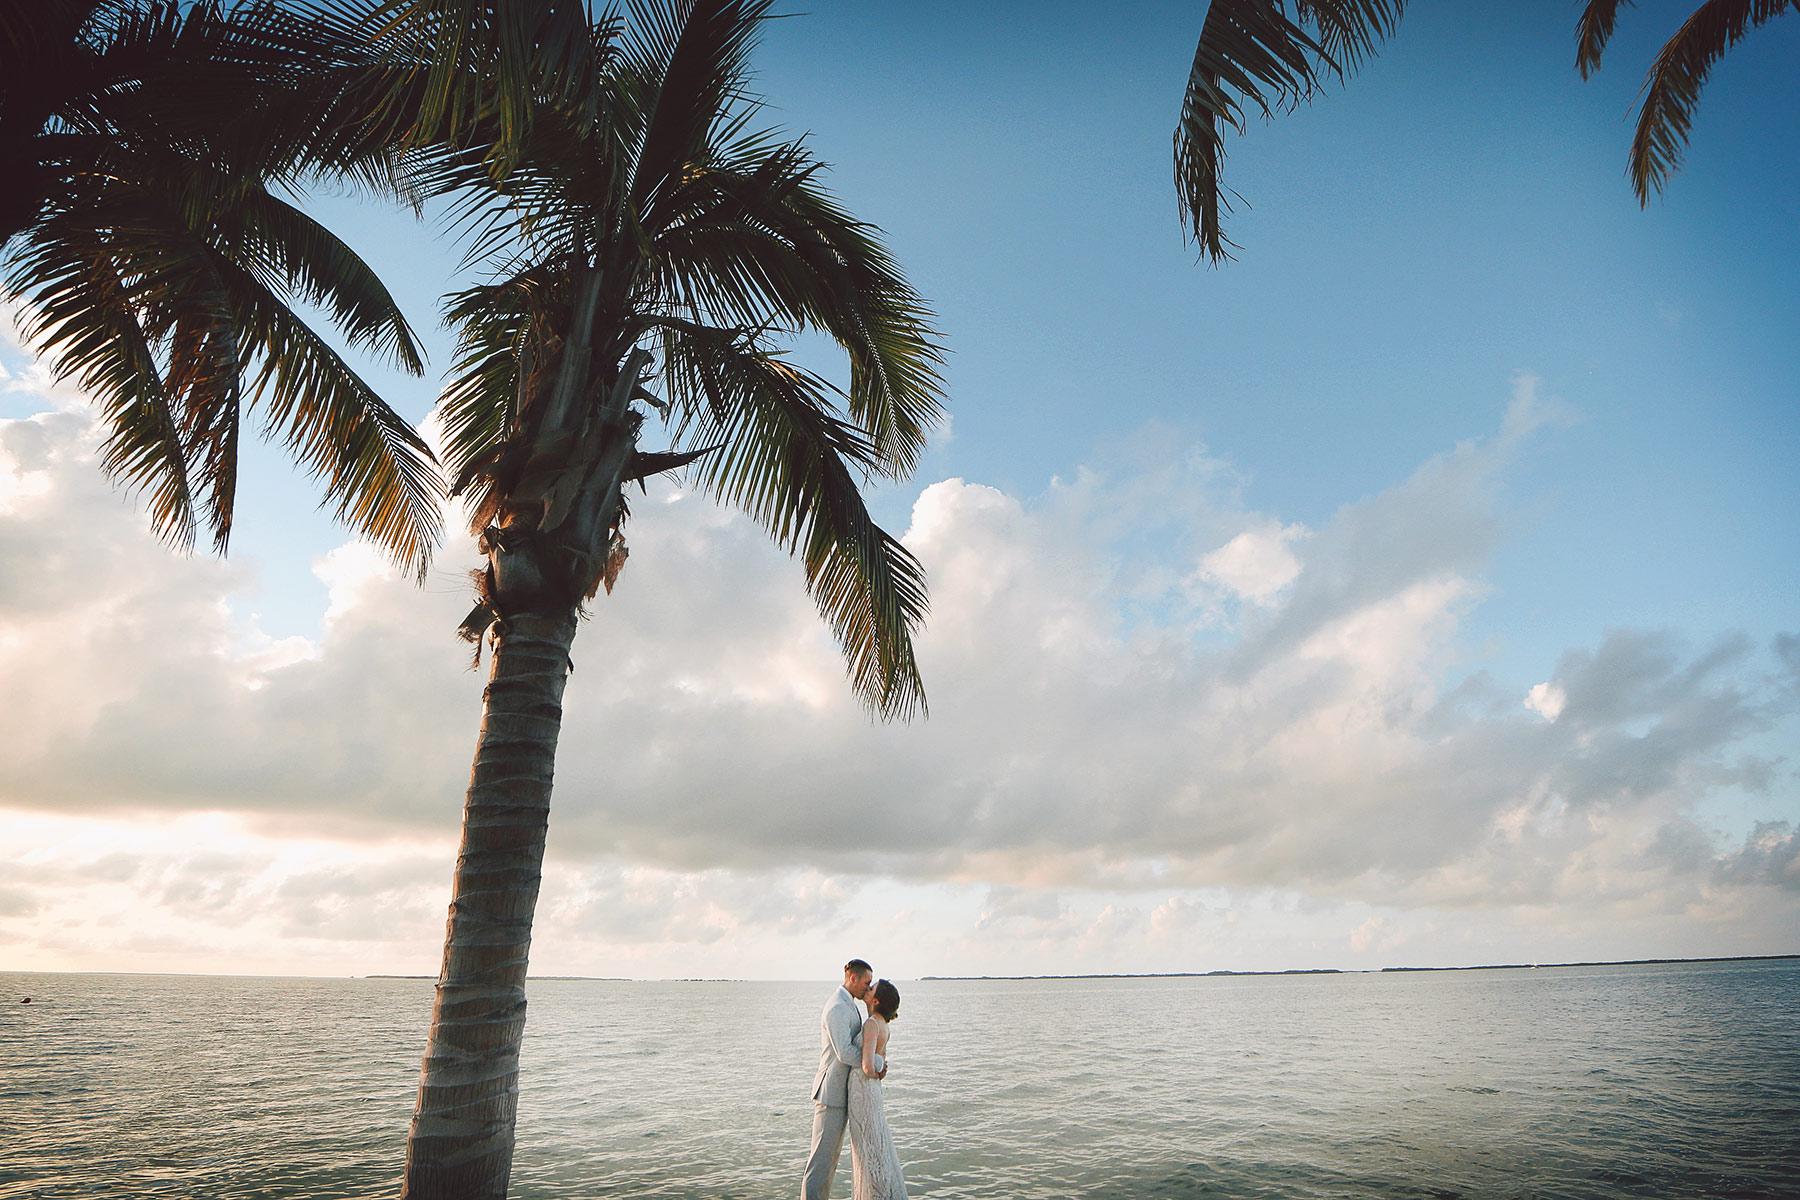 KEY LARGO - FLORIDA